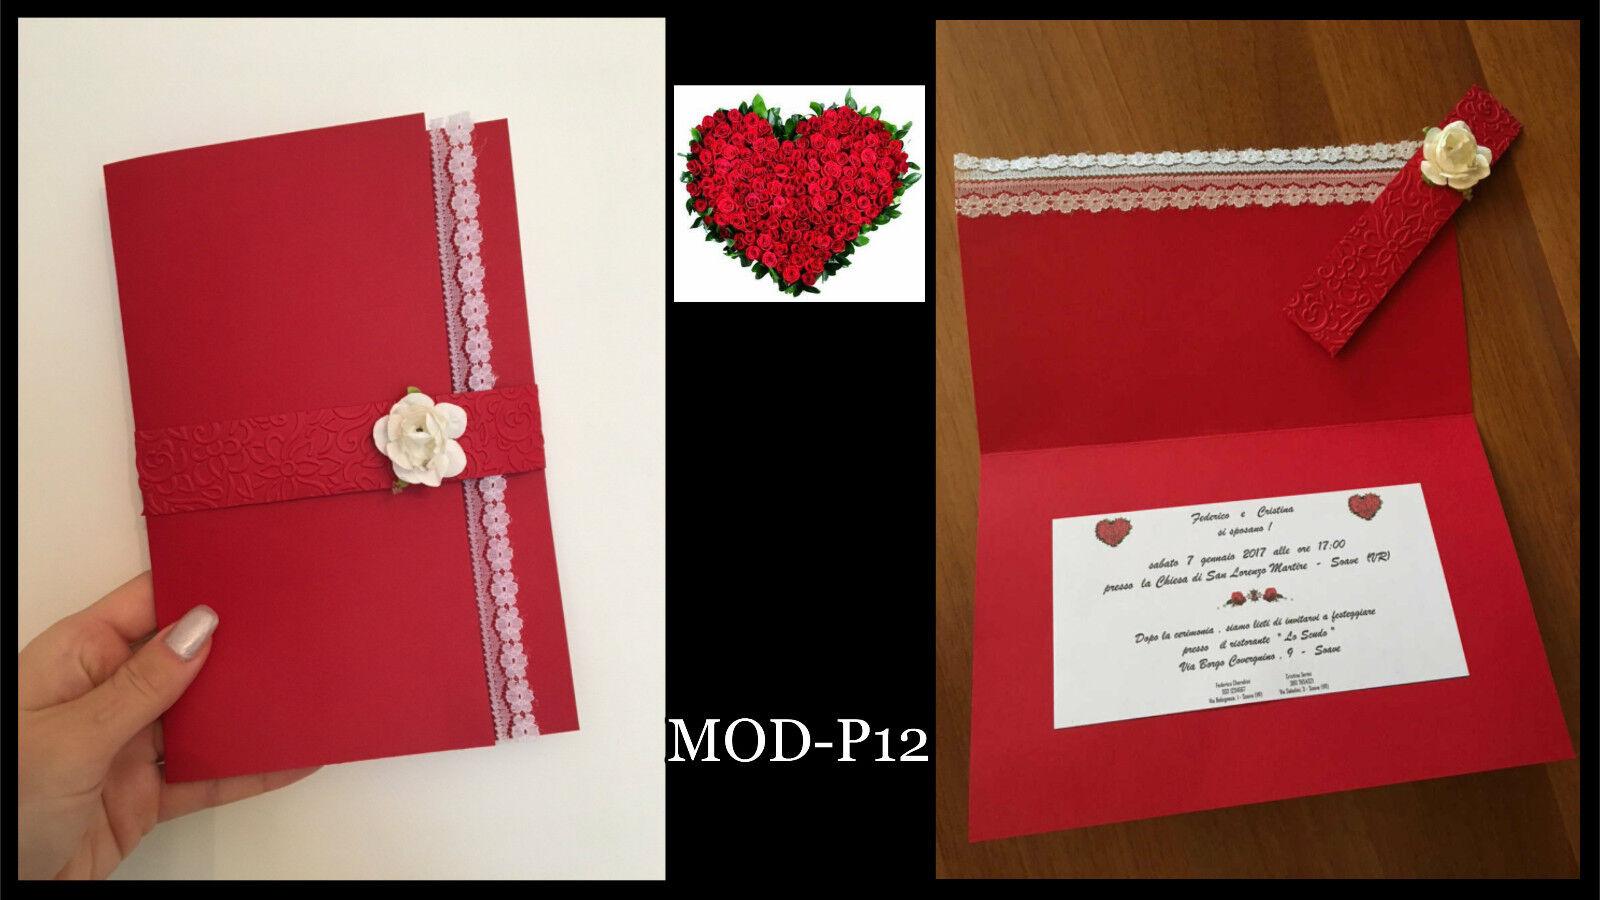 Partecipazioni Matrimonio inviti Nozze fatte a mano MOD-P12 eleganti rosso pizzo